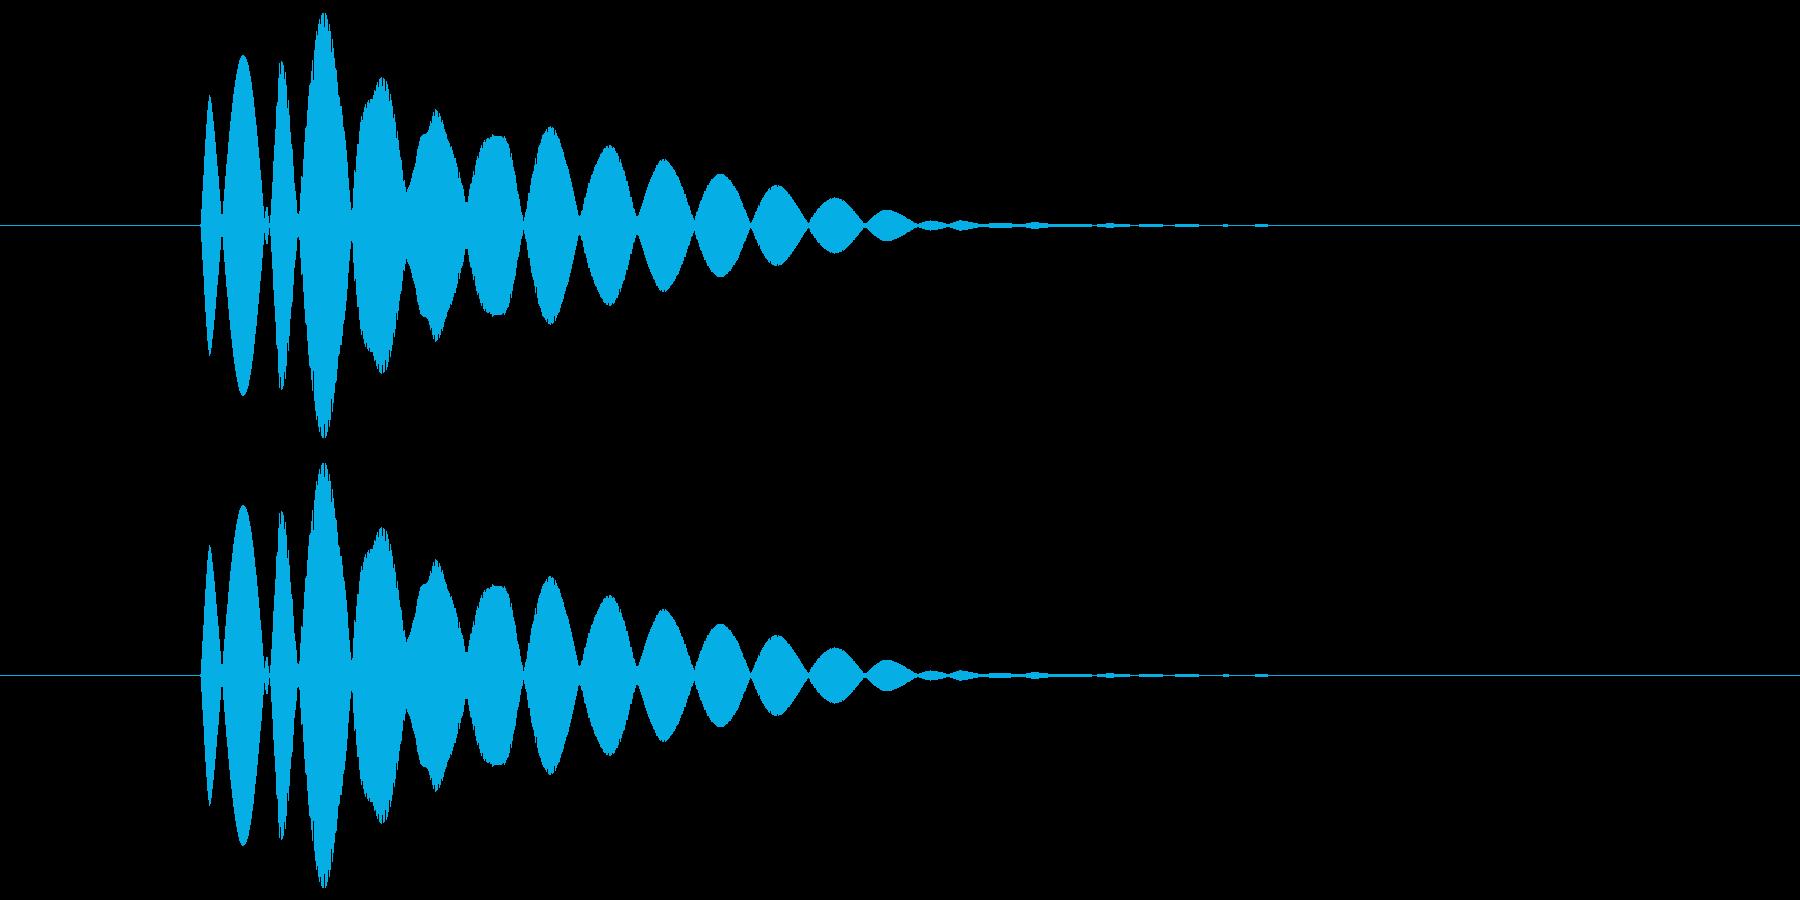 ピコーン(透明感と余韻のある音) 02の再生済みの波形